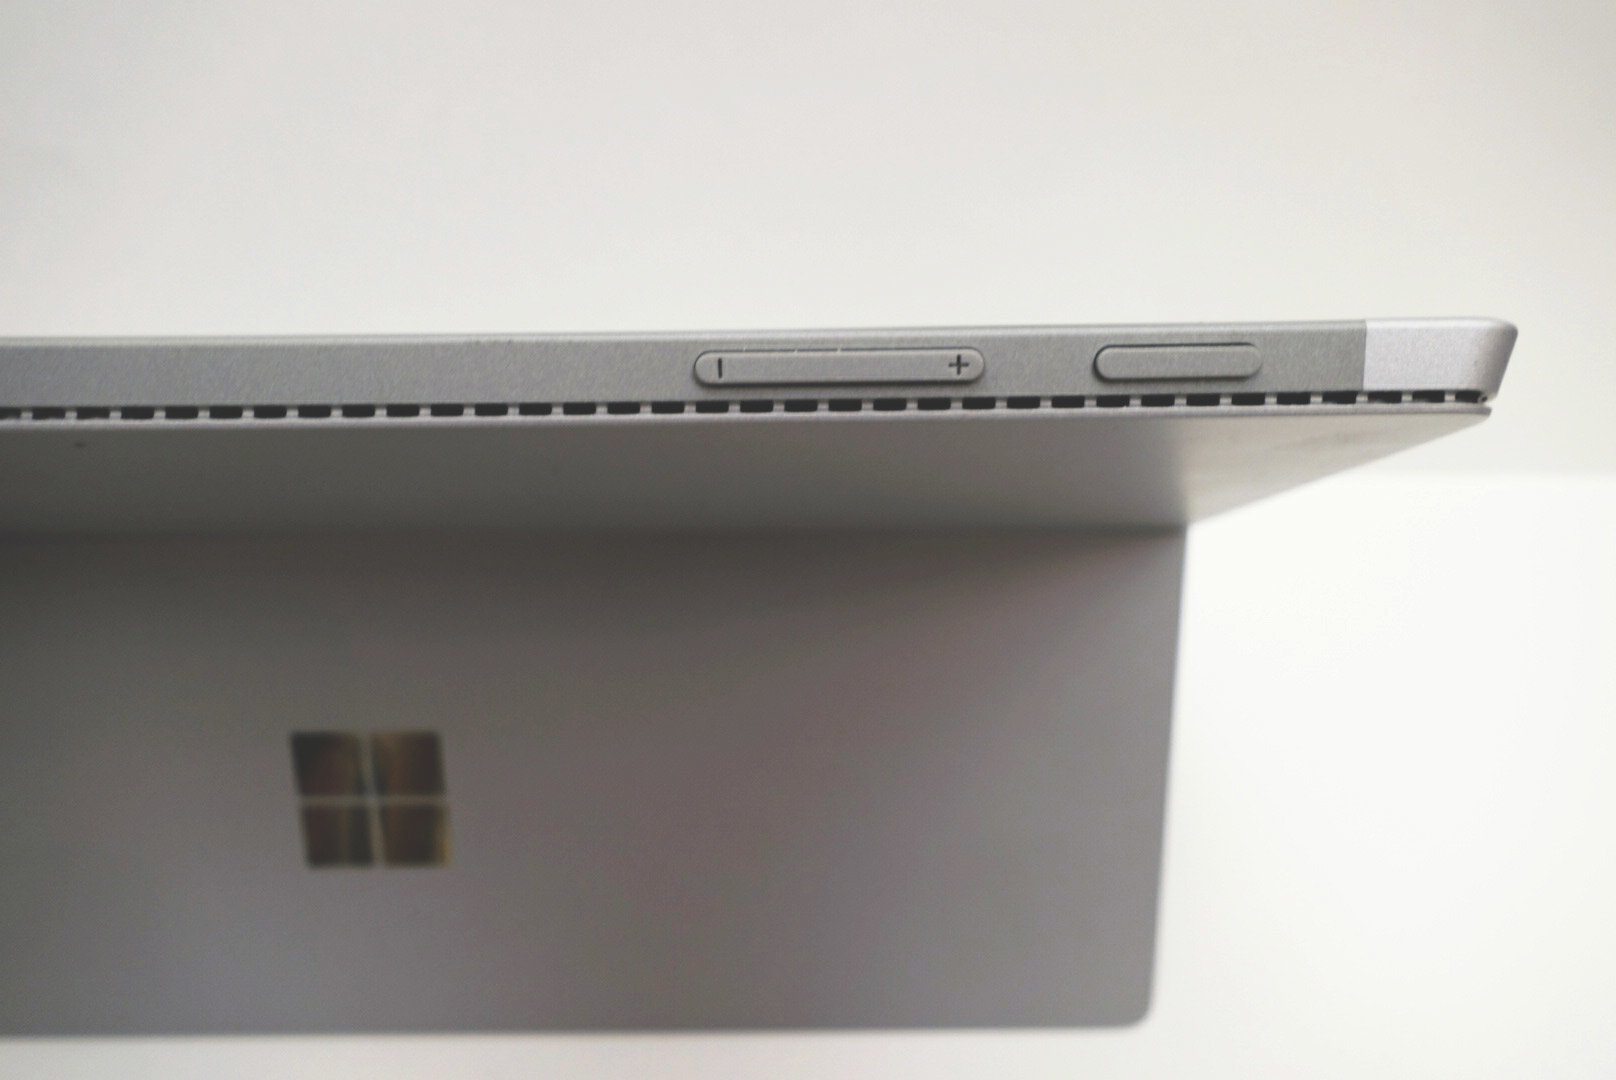 Recenzja Surface Pro 4 - tabletu, który ma zastąpić Twój laptop 19